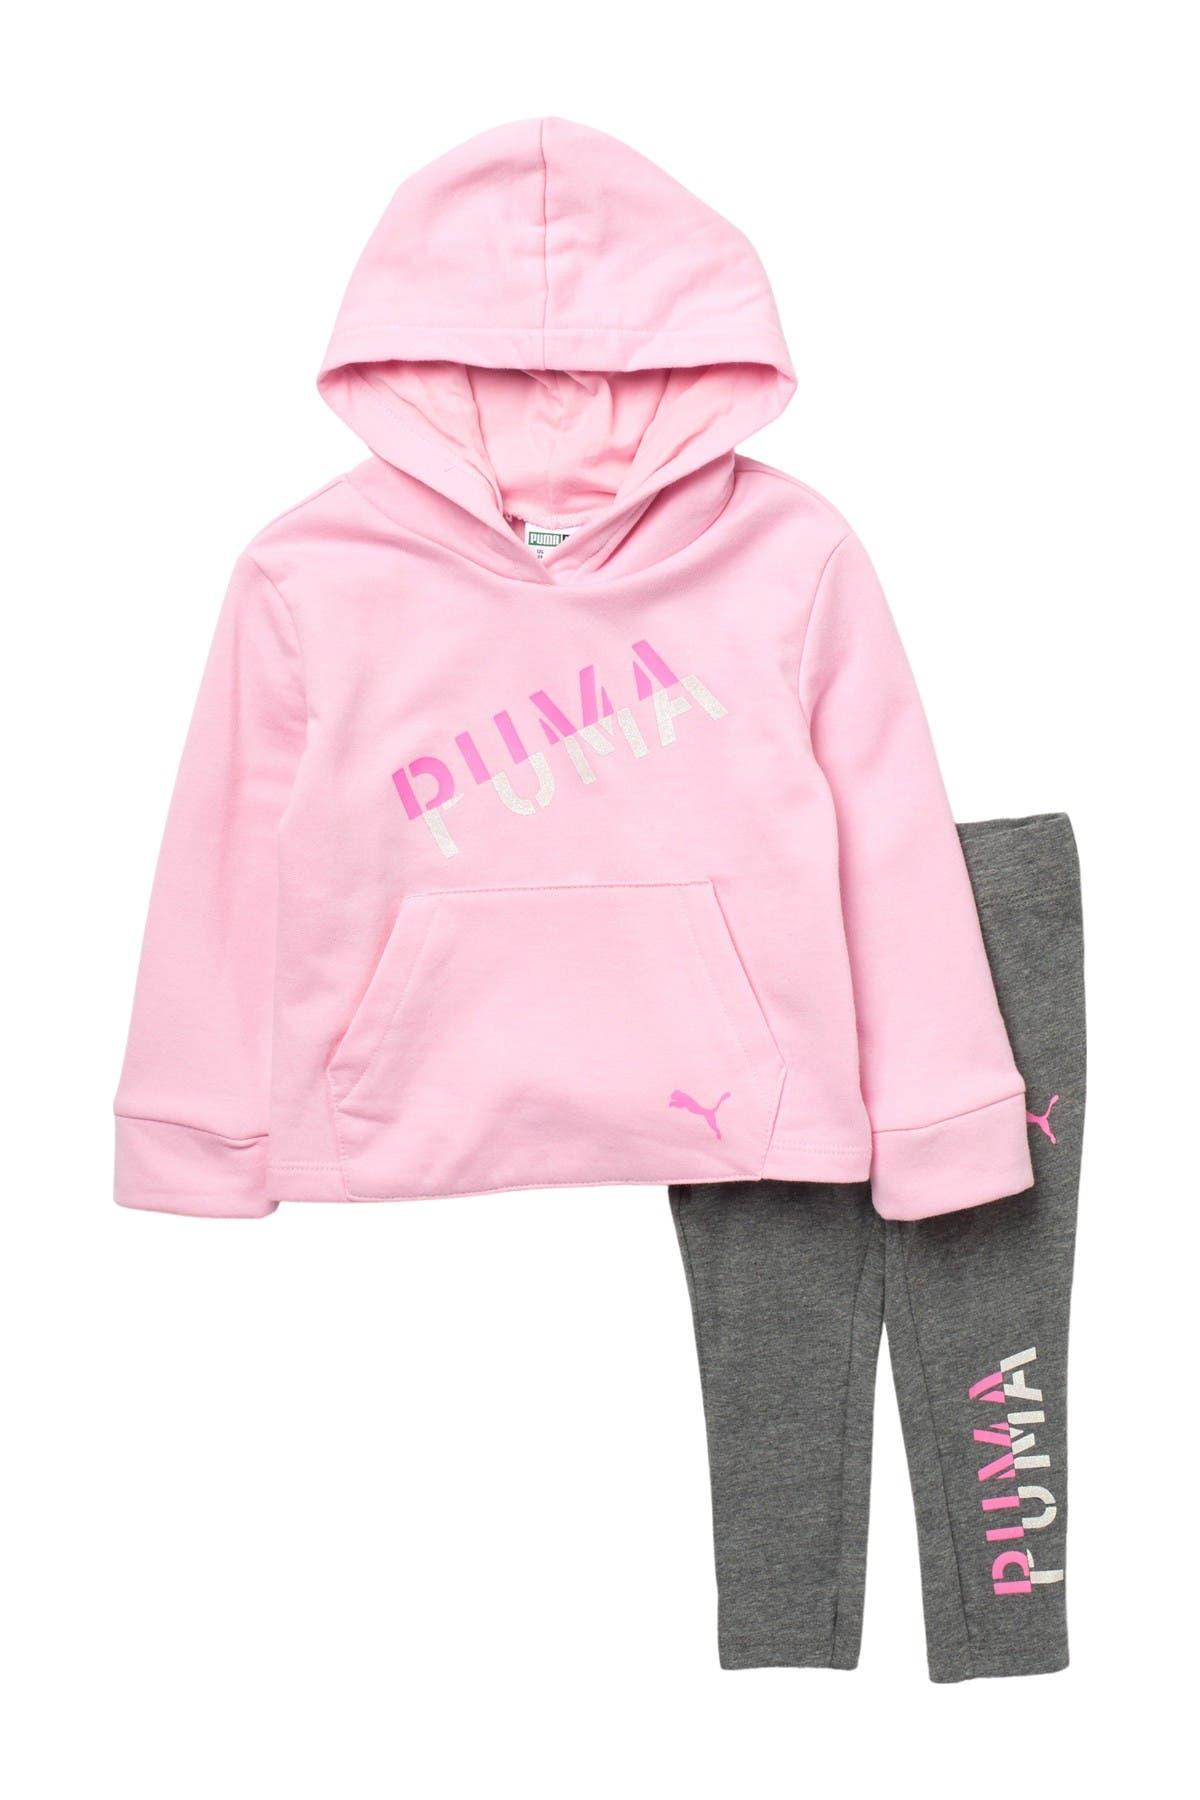 Image of PUMA Fleece Pullover Hoodie & Leggings Set